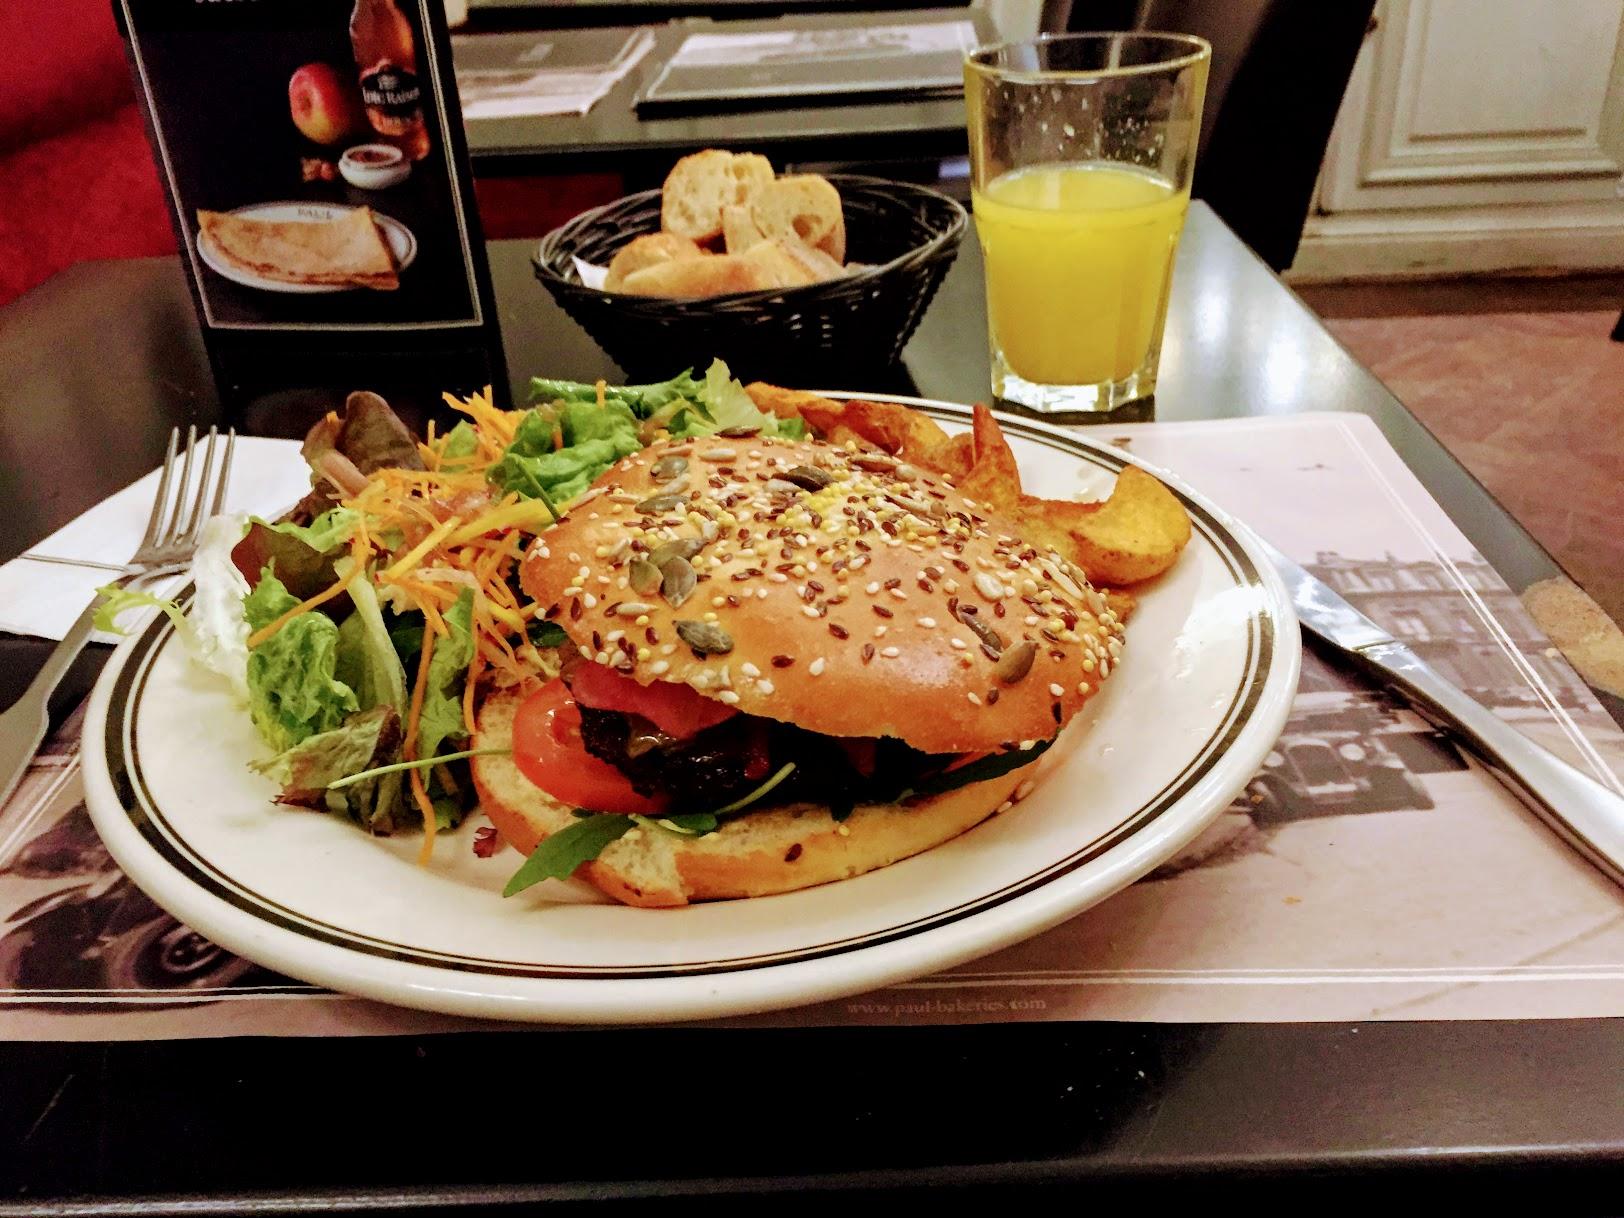 France,フランス,Paris,パリ,PAUL:ポールSaint-Germain,Buci通りのSiene店,メニュー,イートイン,ハンバーガー